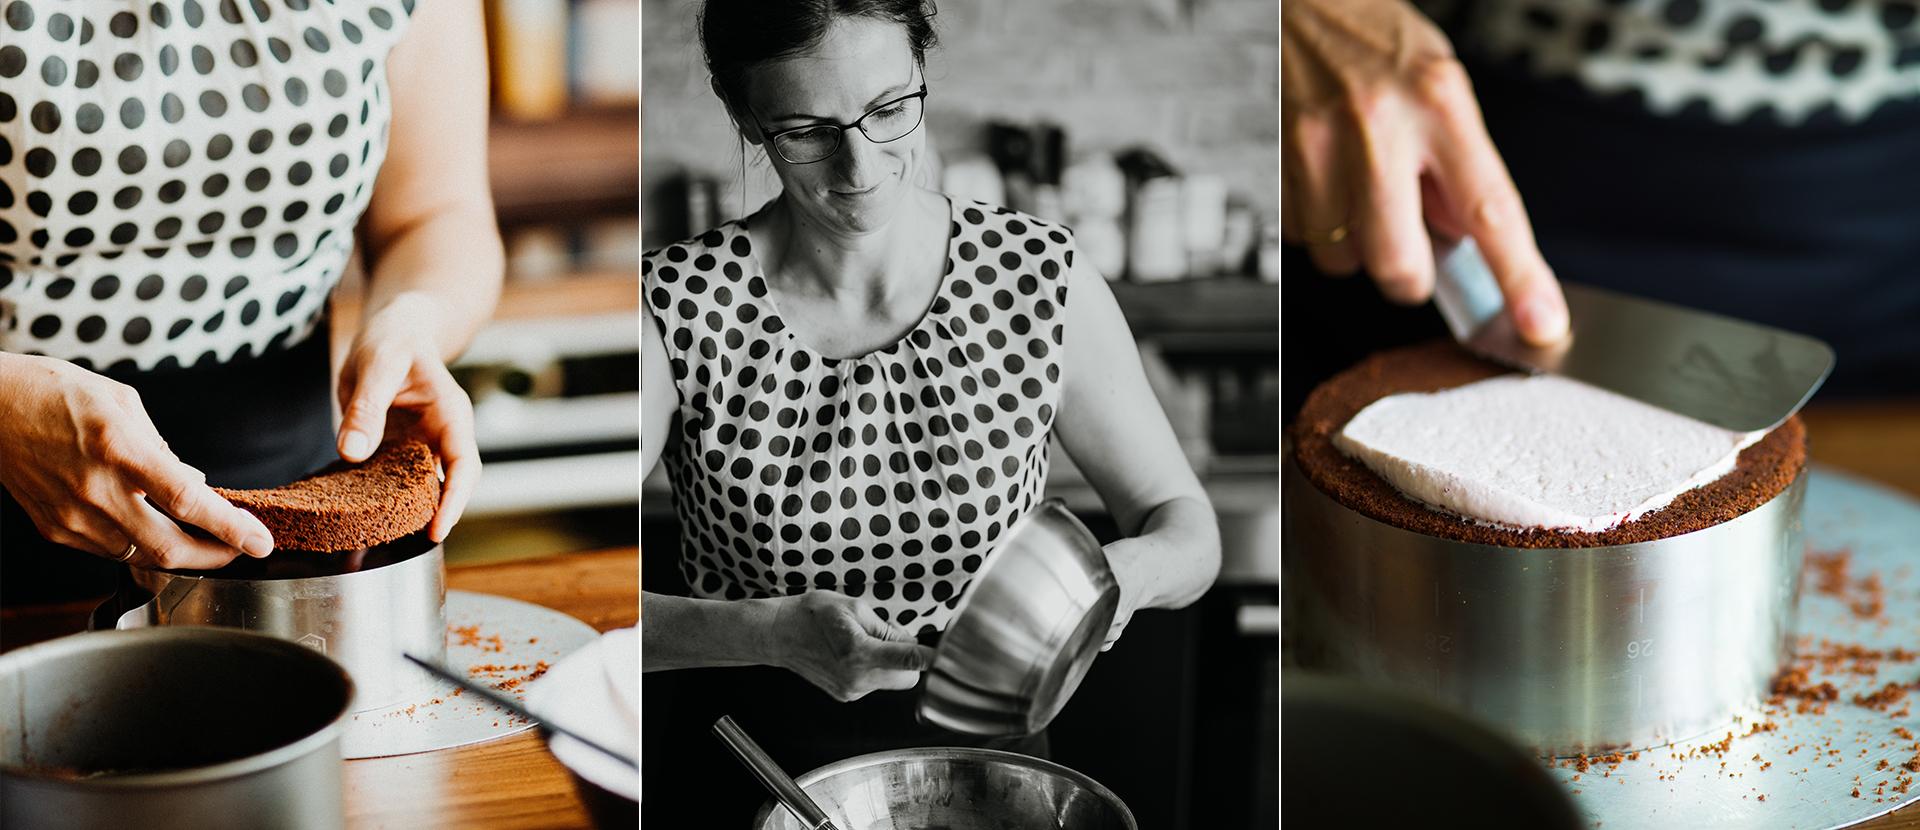 Frau schichtet Kuchen mit Hilfe eines Kuchenrings. Foodstyling Muenchen